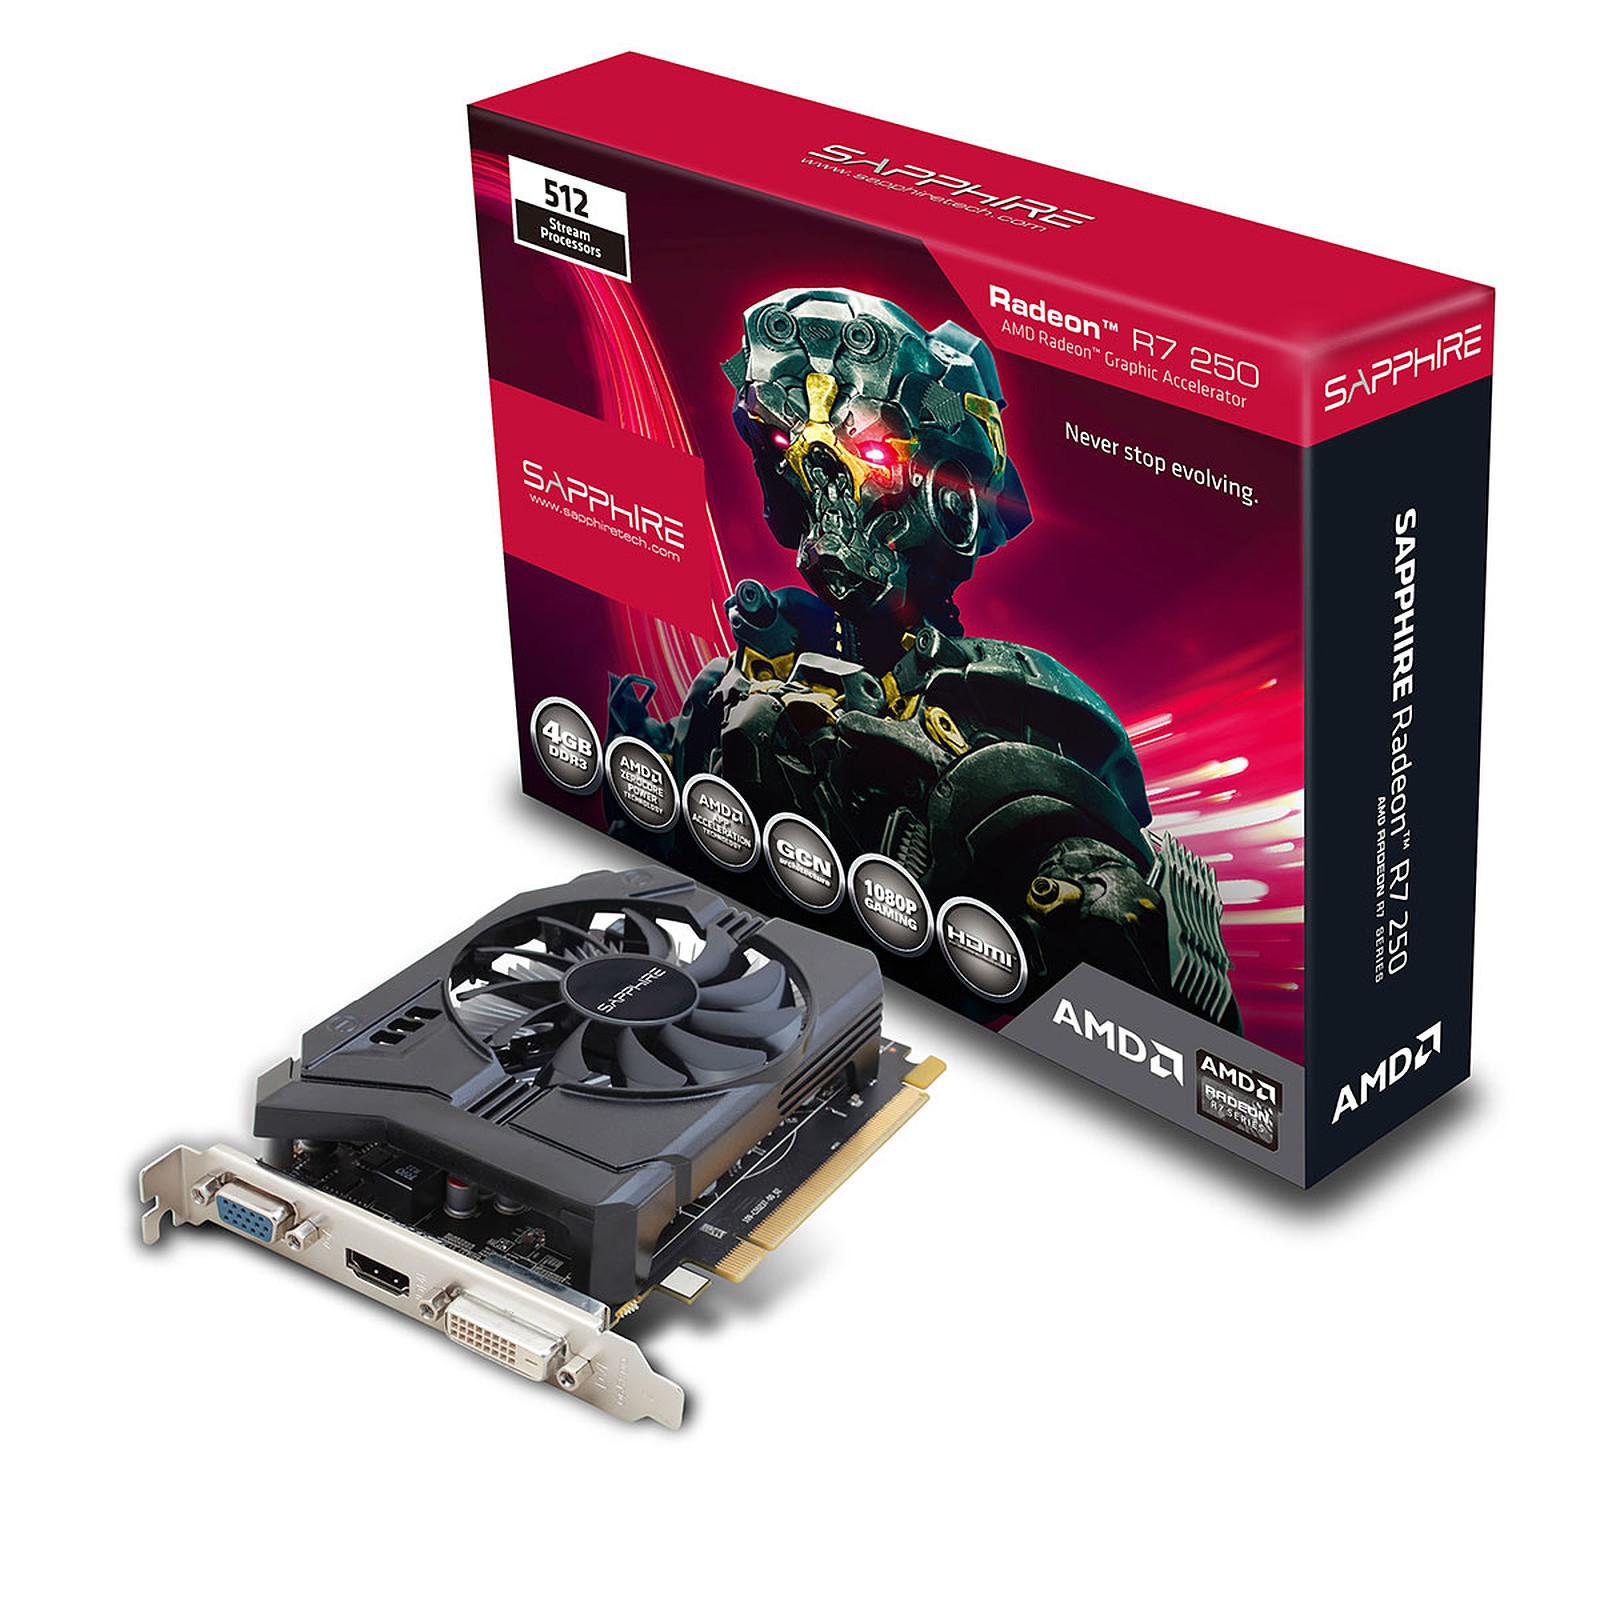 Sapphire Radeon R7 250 4G DDR3